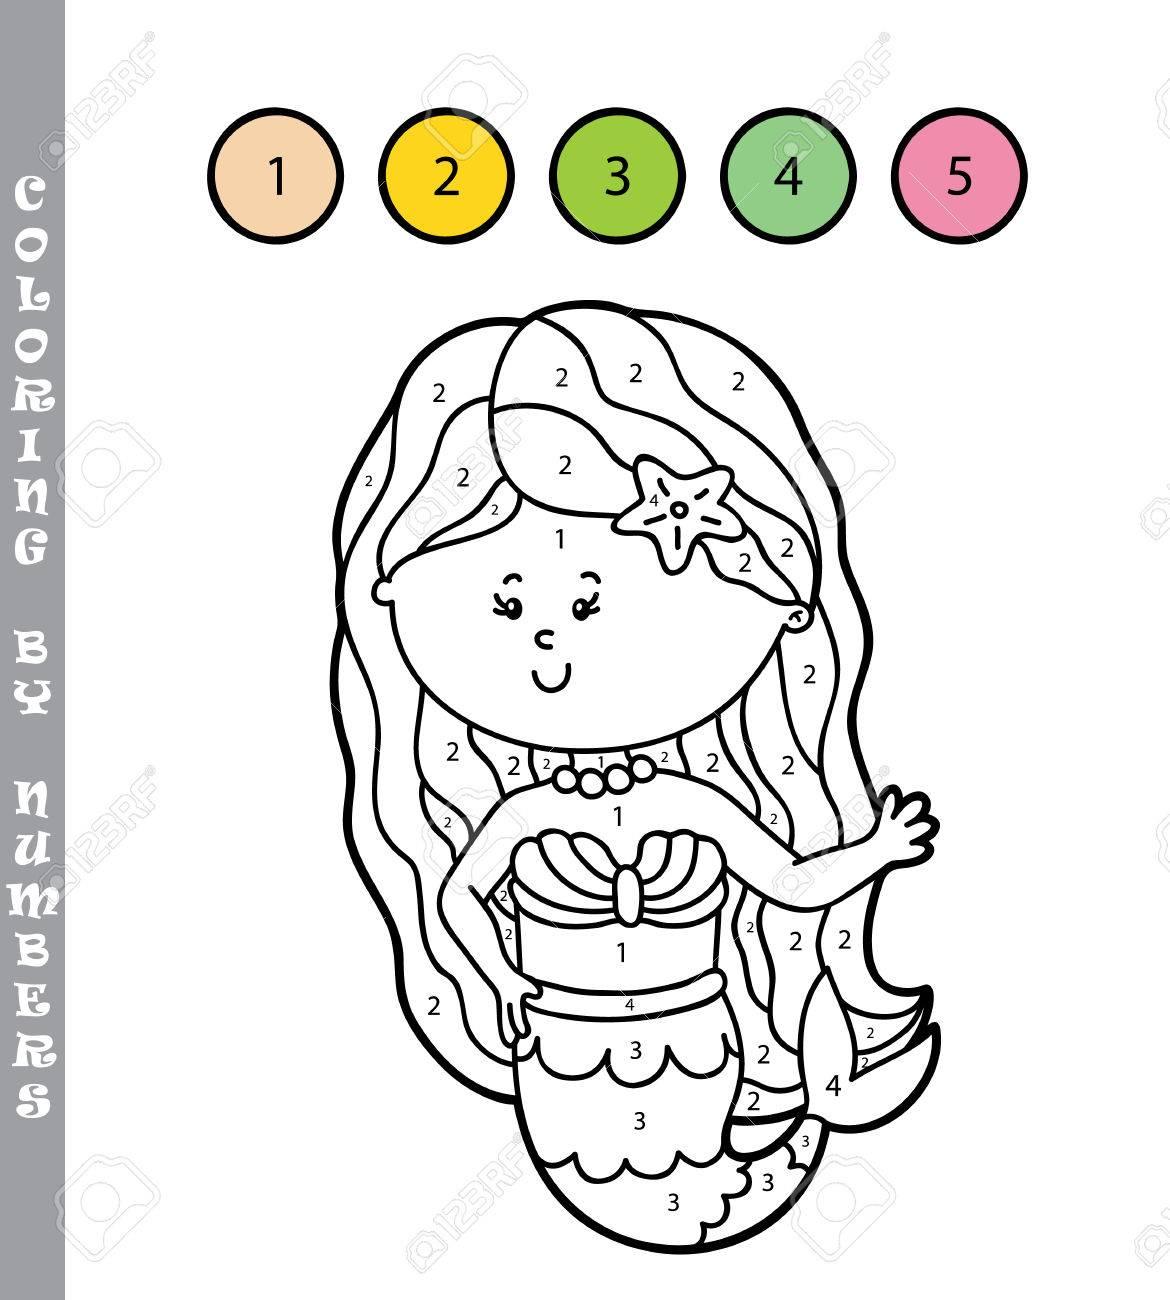 Ilustración Vectorial Para Colorear Por Números Juego Educativo Con Sirena De Dibujos Animados Para Niños